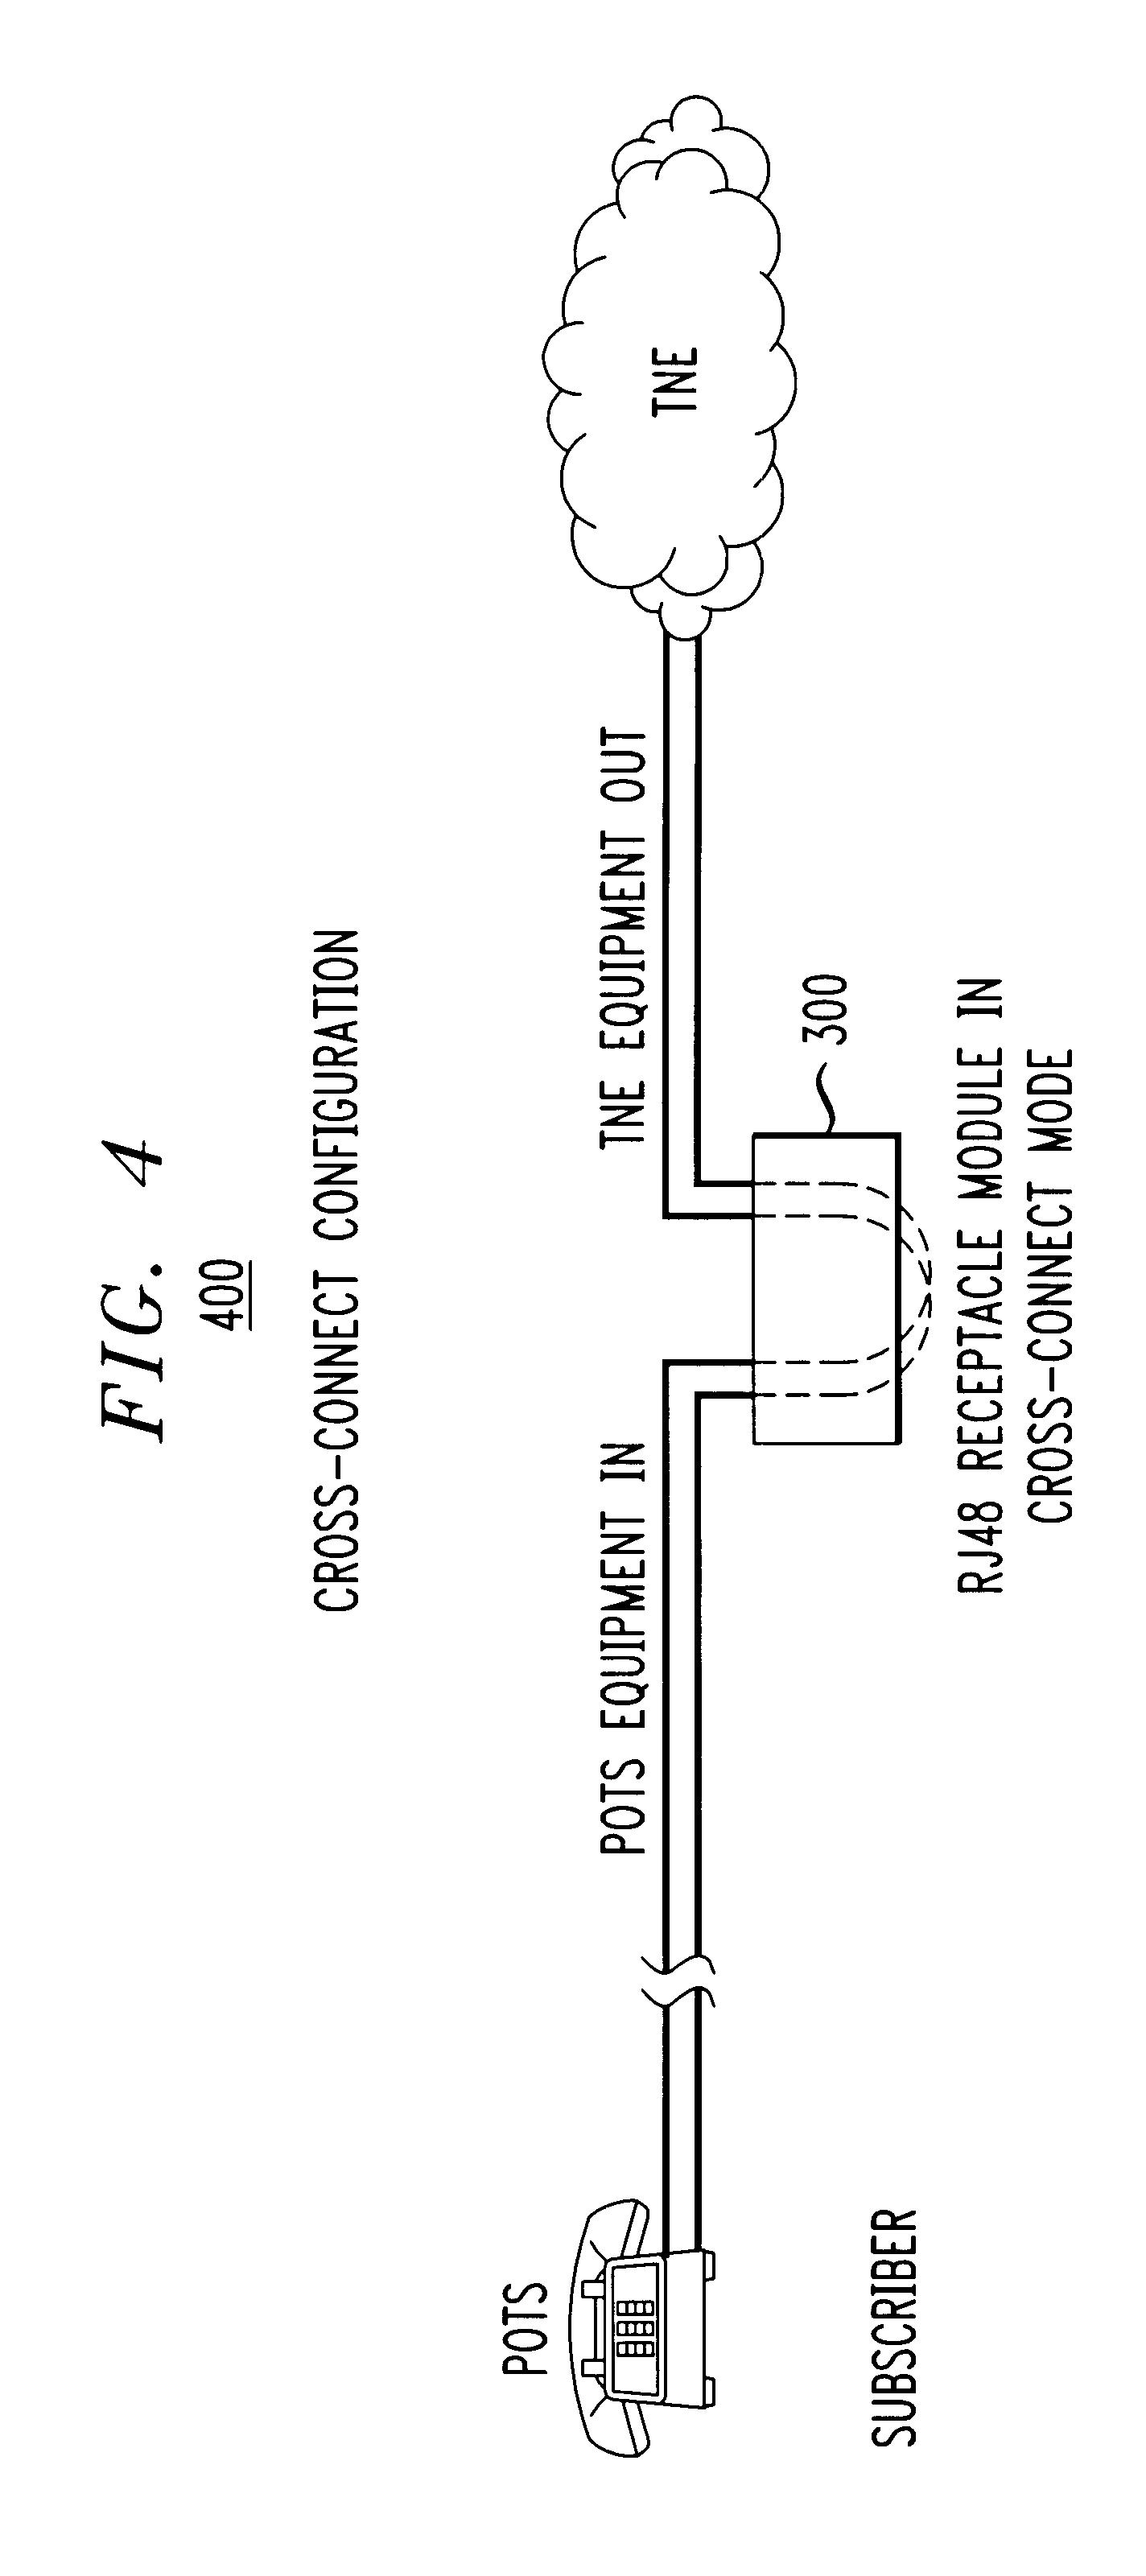 t1 line wiring diagram basic sentence diagramming worksheet rj 48 pinout diagrams